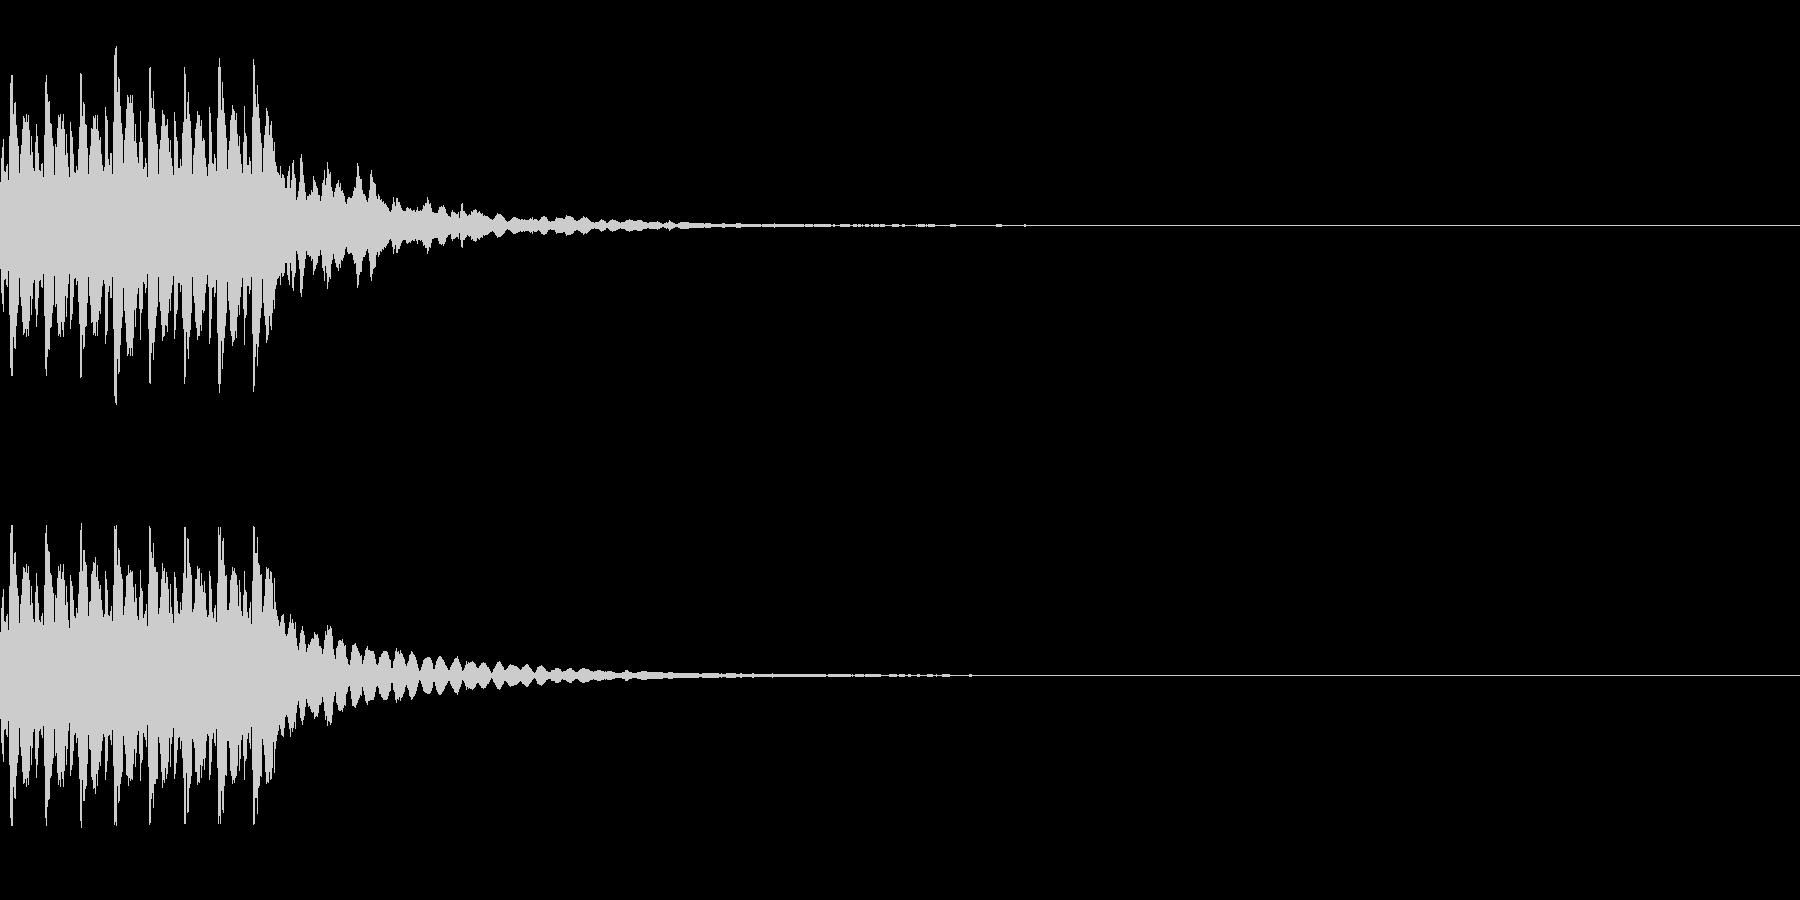 コイン獲得 8枚くらい 得点を得る音の未再生の波形